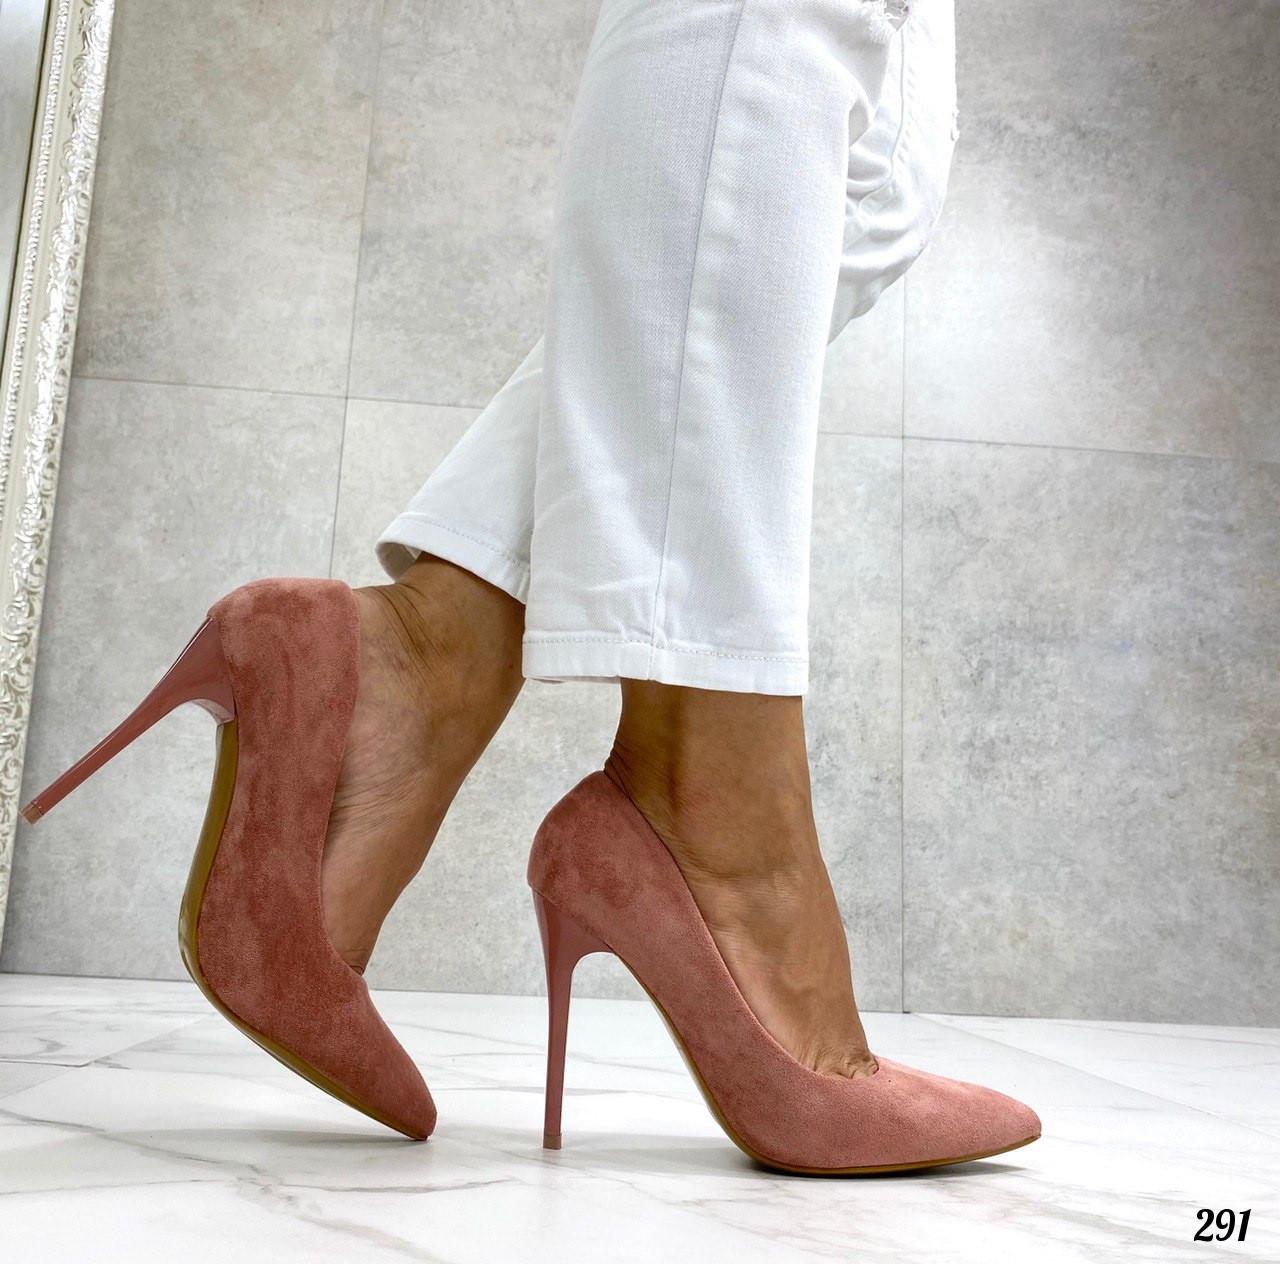 Женские туфли-лодочки розовые - пудровые на каблуке 10 см эко замш